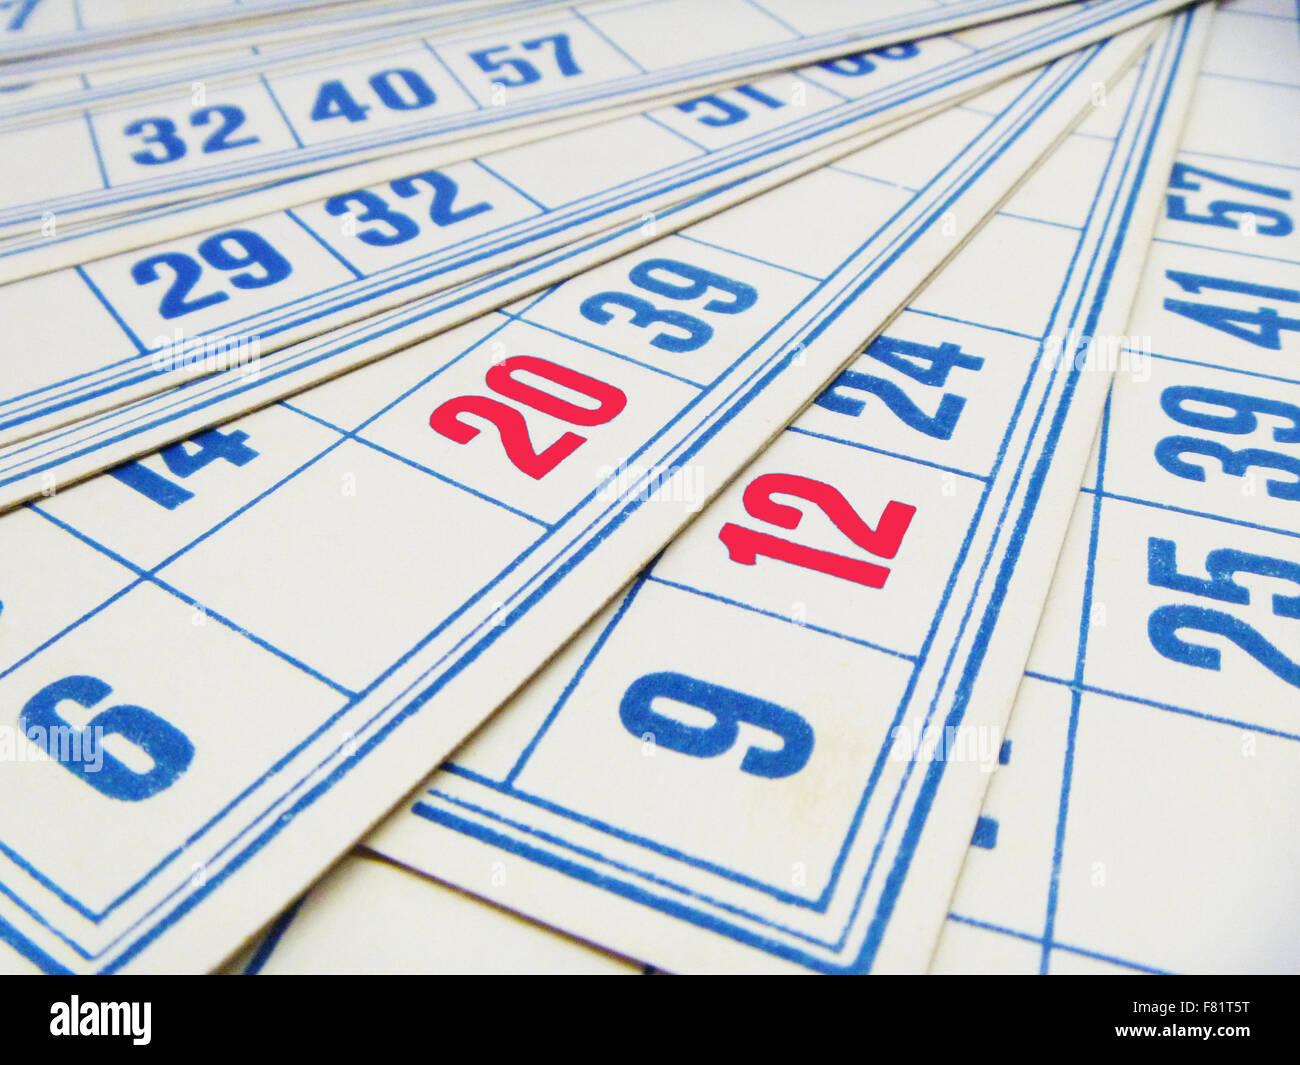 Lotto Gluckszahlen